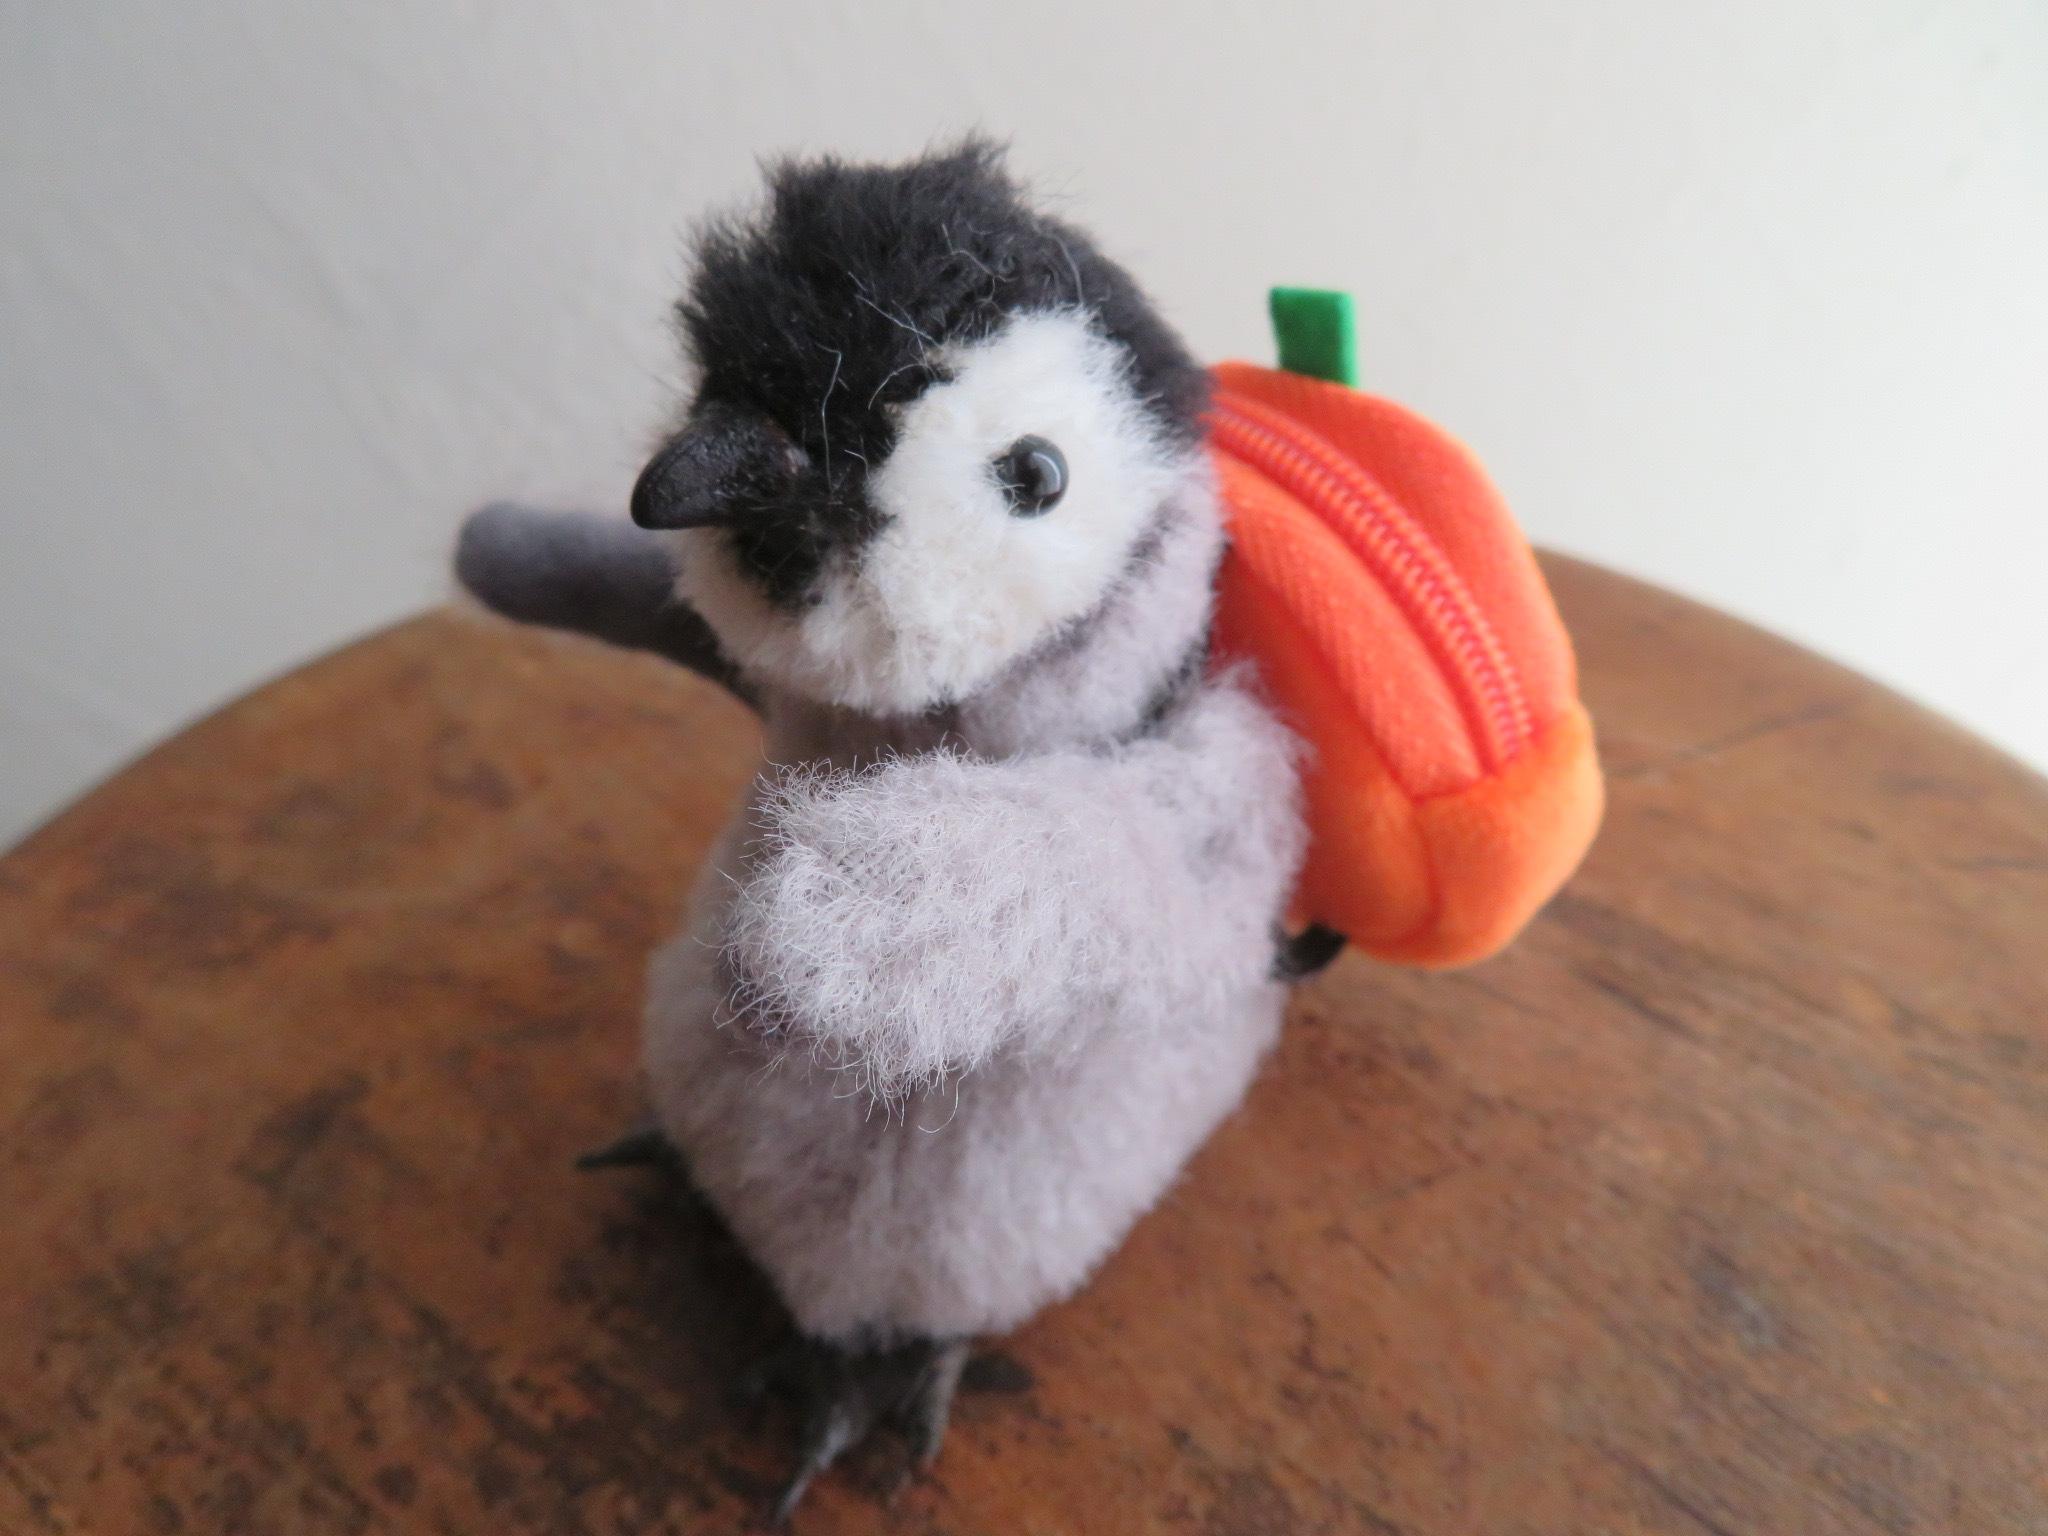 コウテイペンギンの赤ちゃん、リュック背負ってどこいく?_f0129557_17275280.jpeg